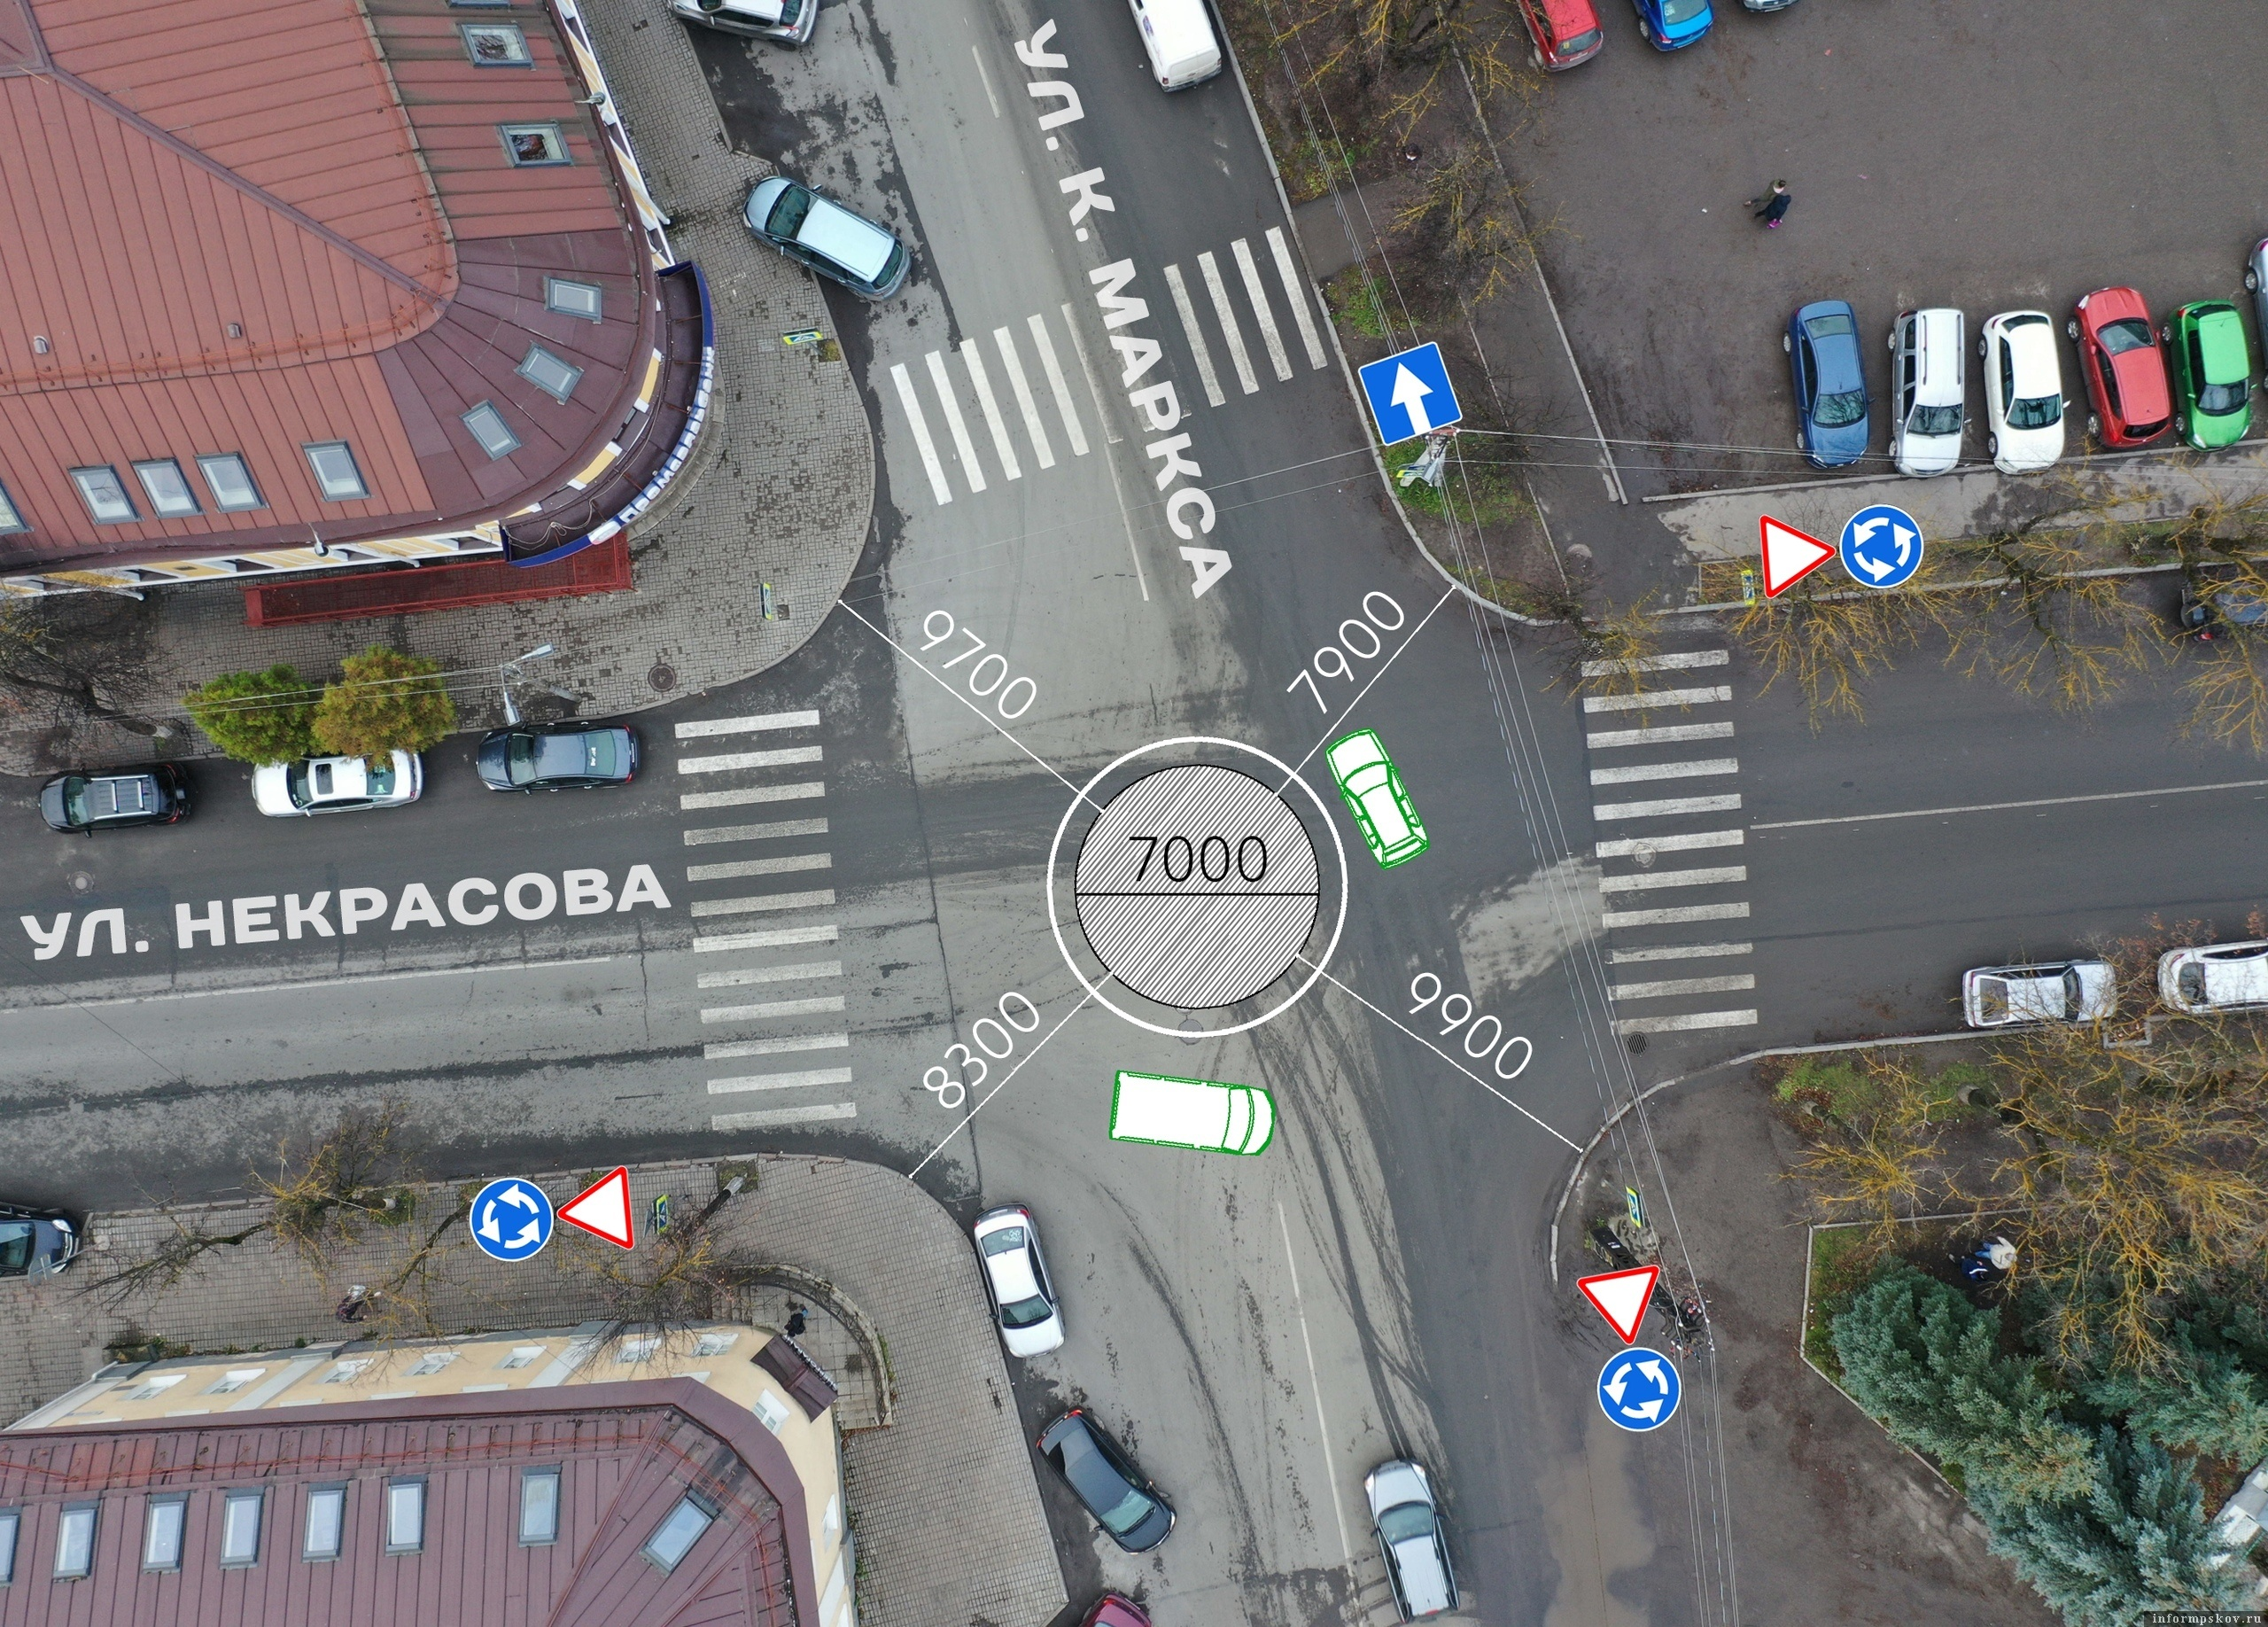 Фото из группы «Убитые дороги Псков» в социальной сети в «ВКонтакте».